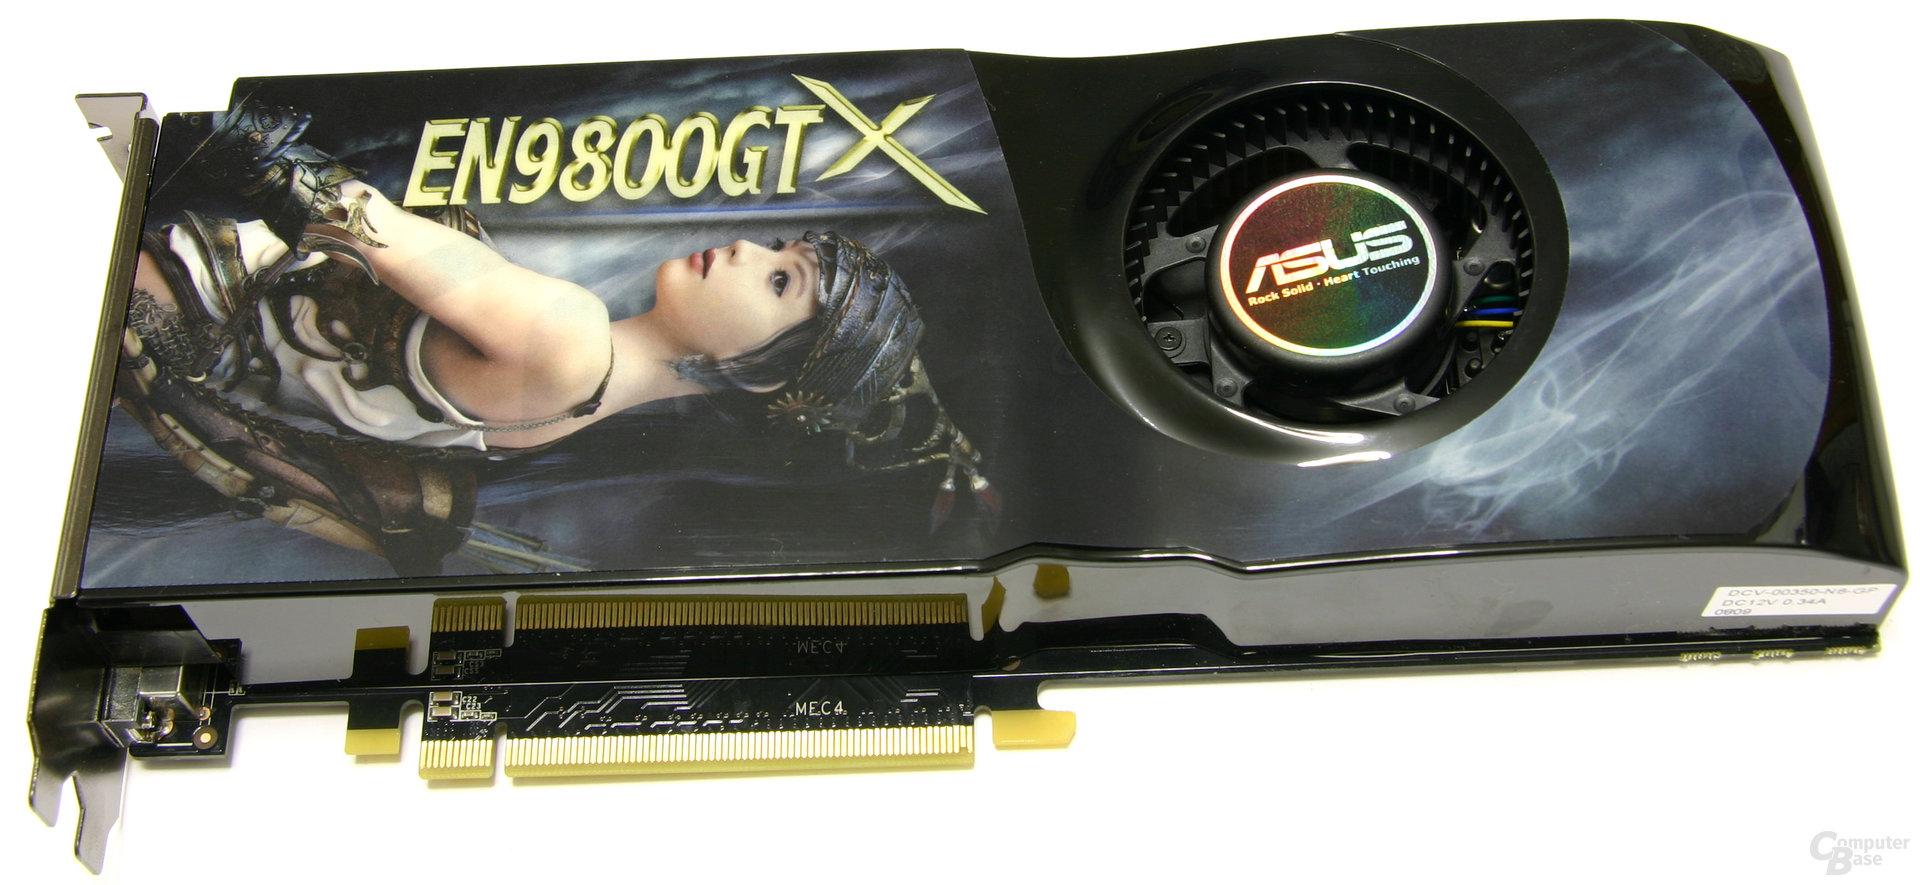 Asus EN9800GTX